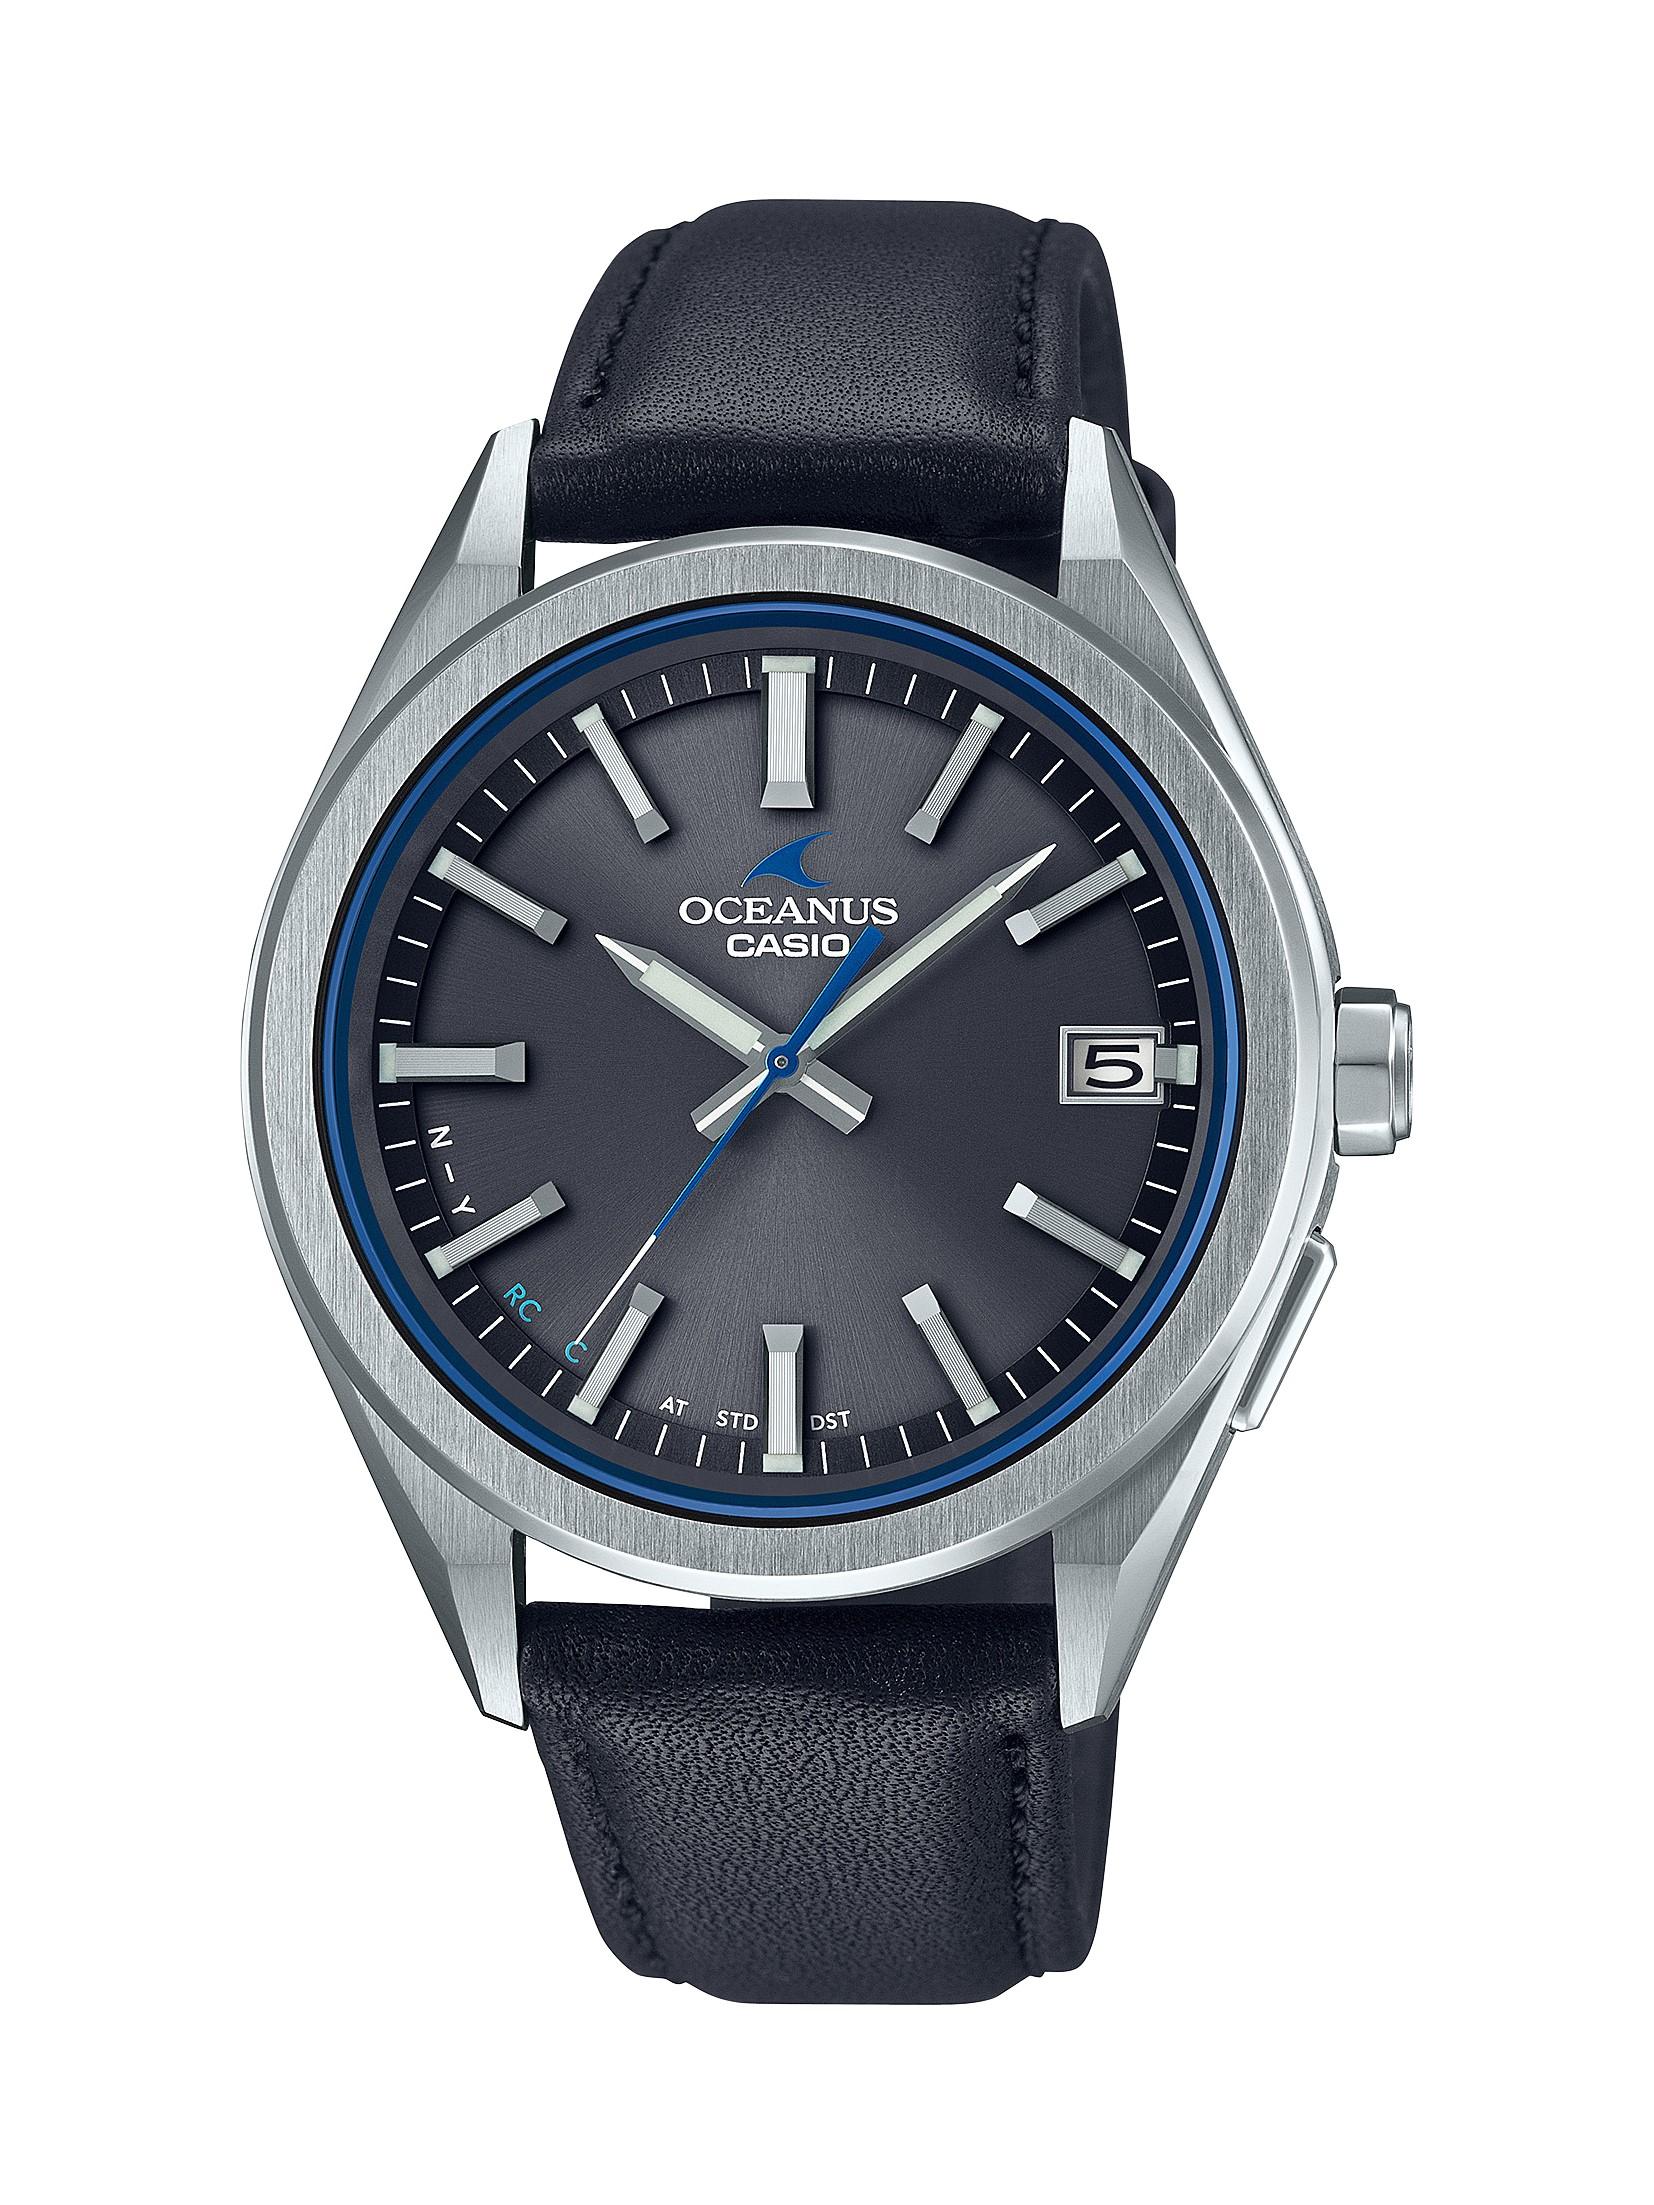 CASIO腕時計 OCEANUS OCW-T200SCE-8AJR C-0161